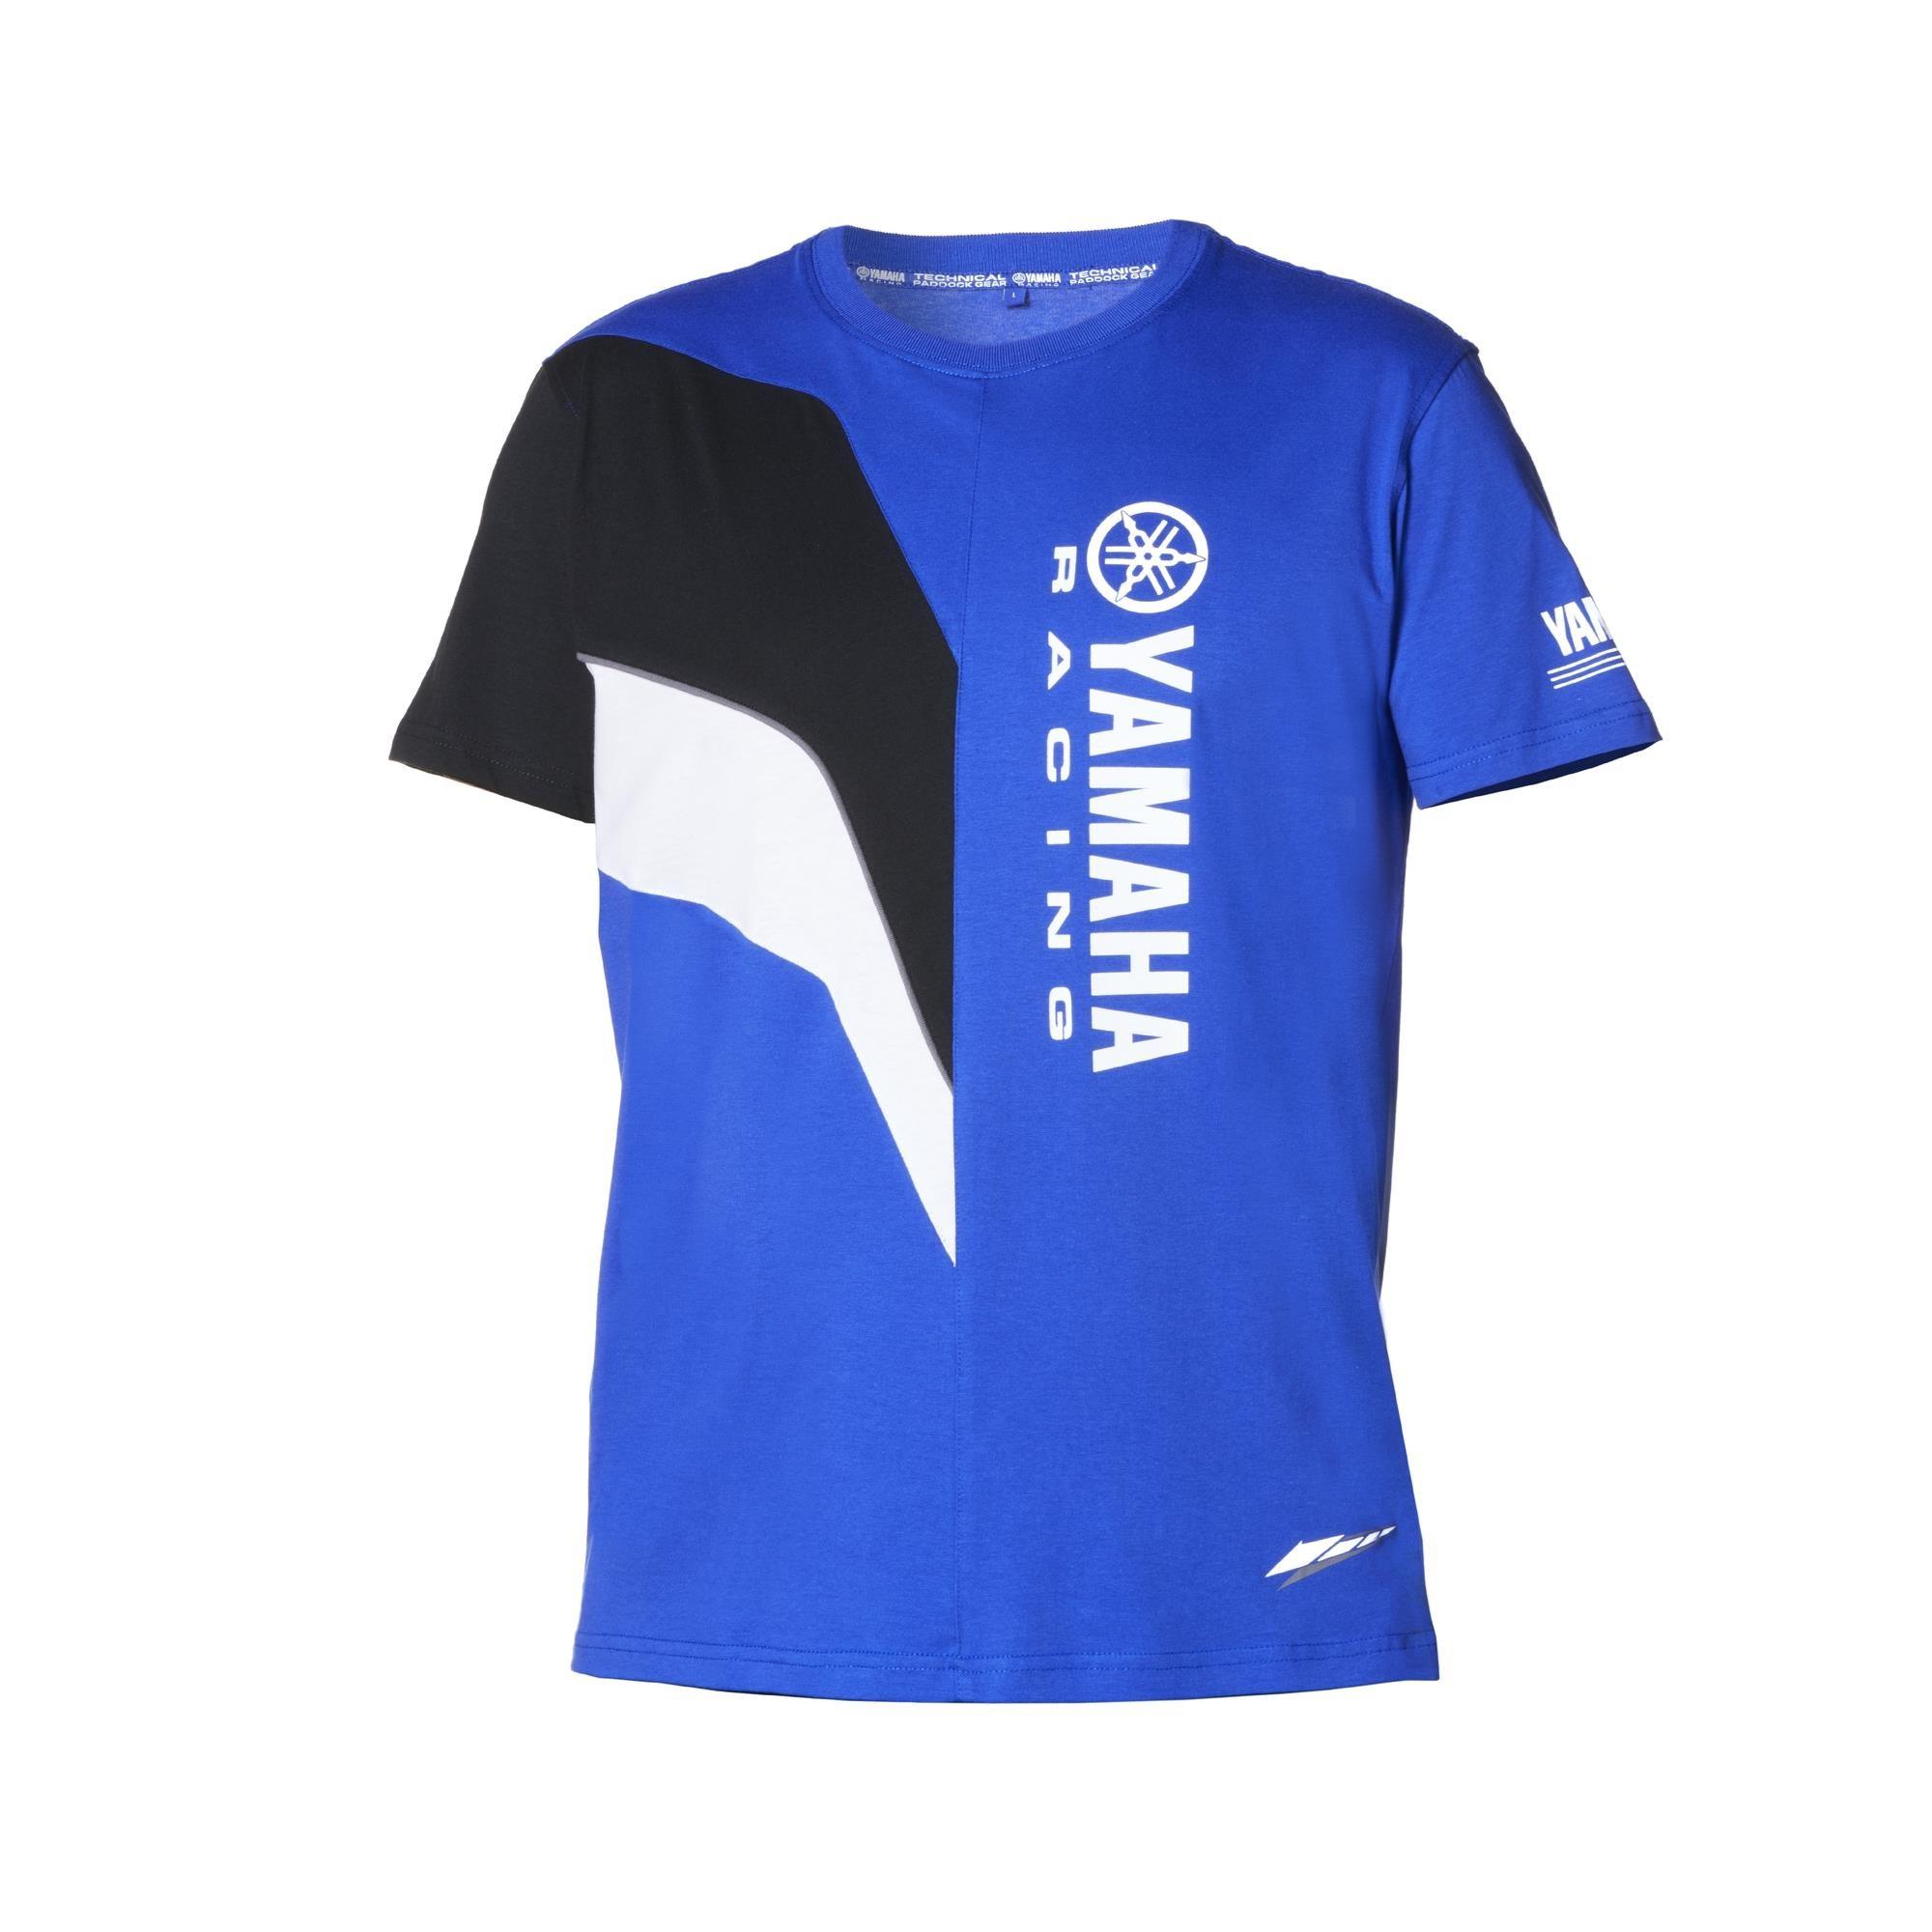 Paddock Blue T-shirt Yamaha